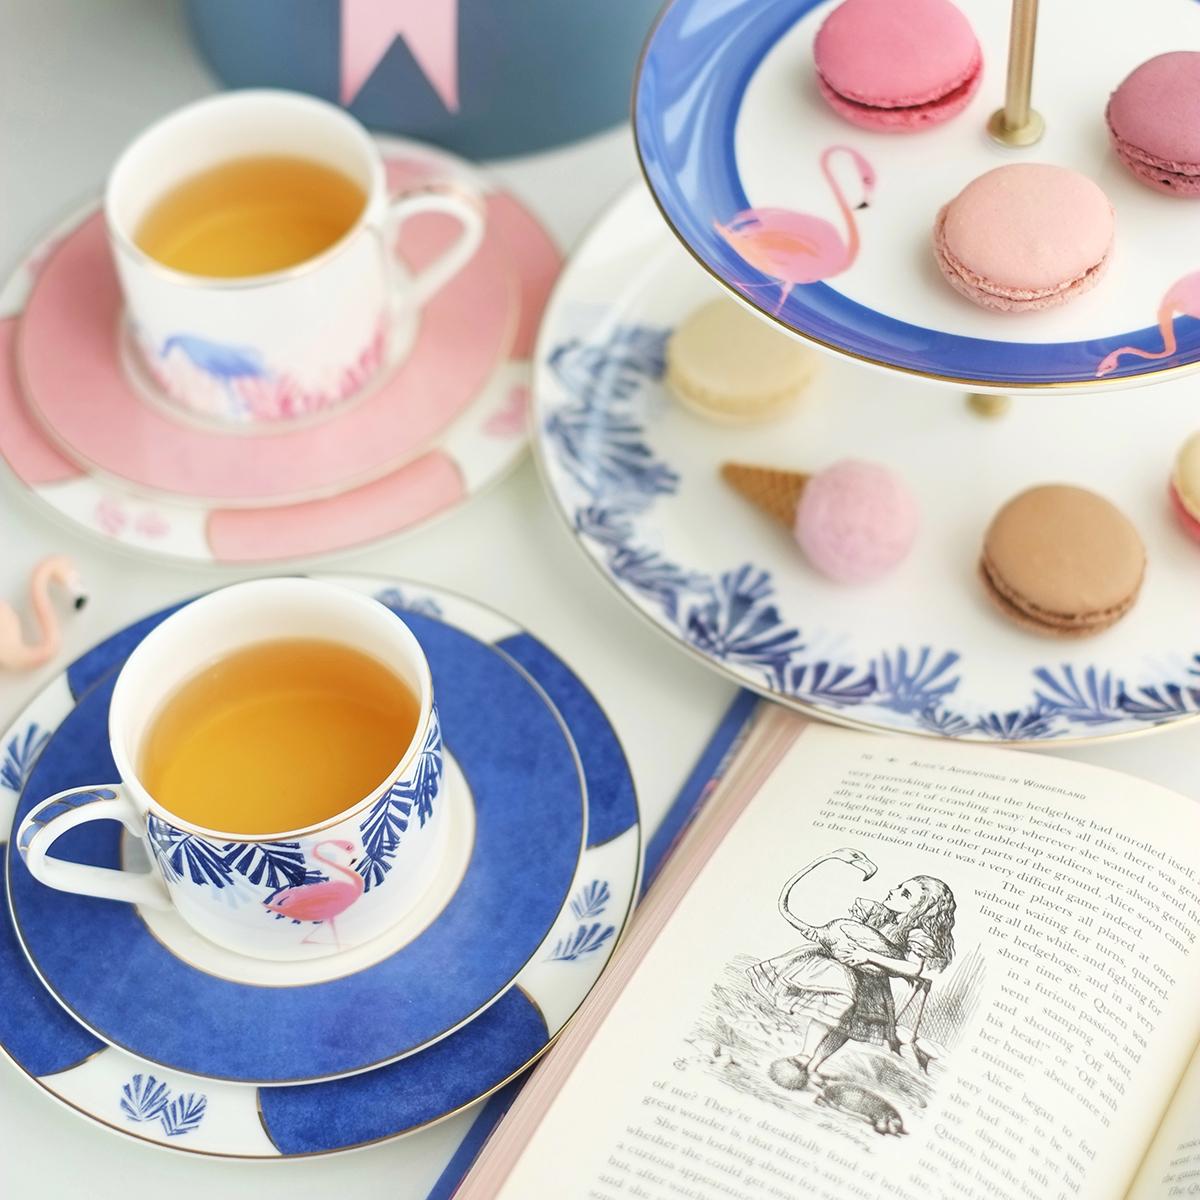 【TaDah突然间】马克杯咖啡杯套装家用简约欧式小奢华下午茶 杯子